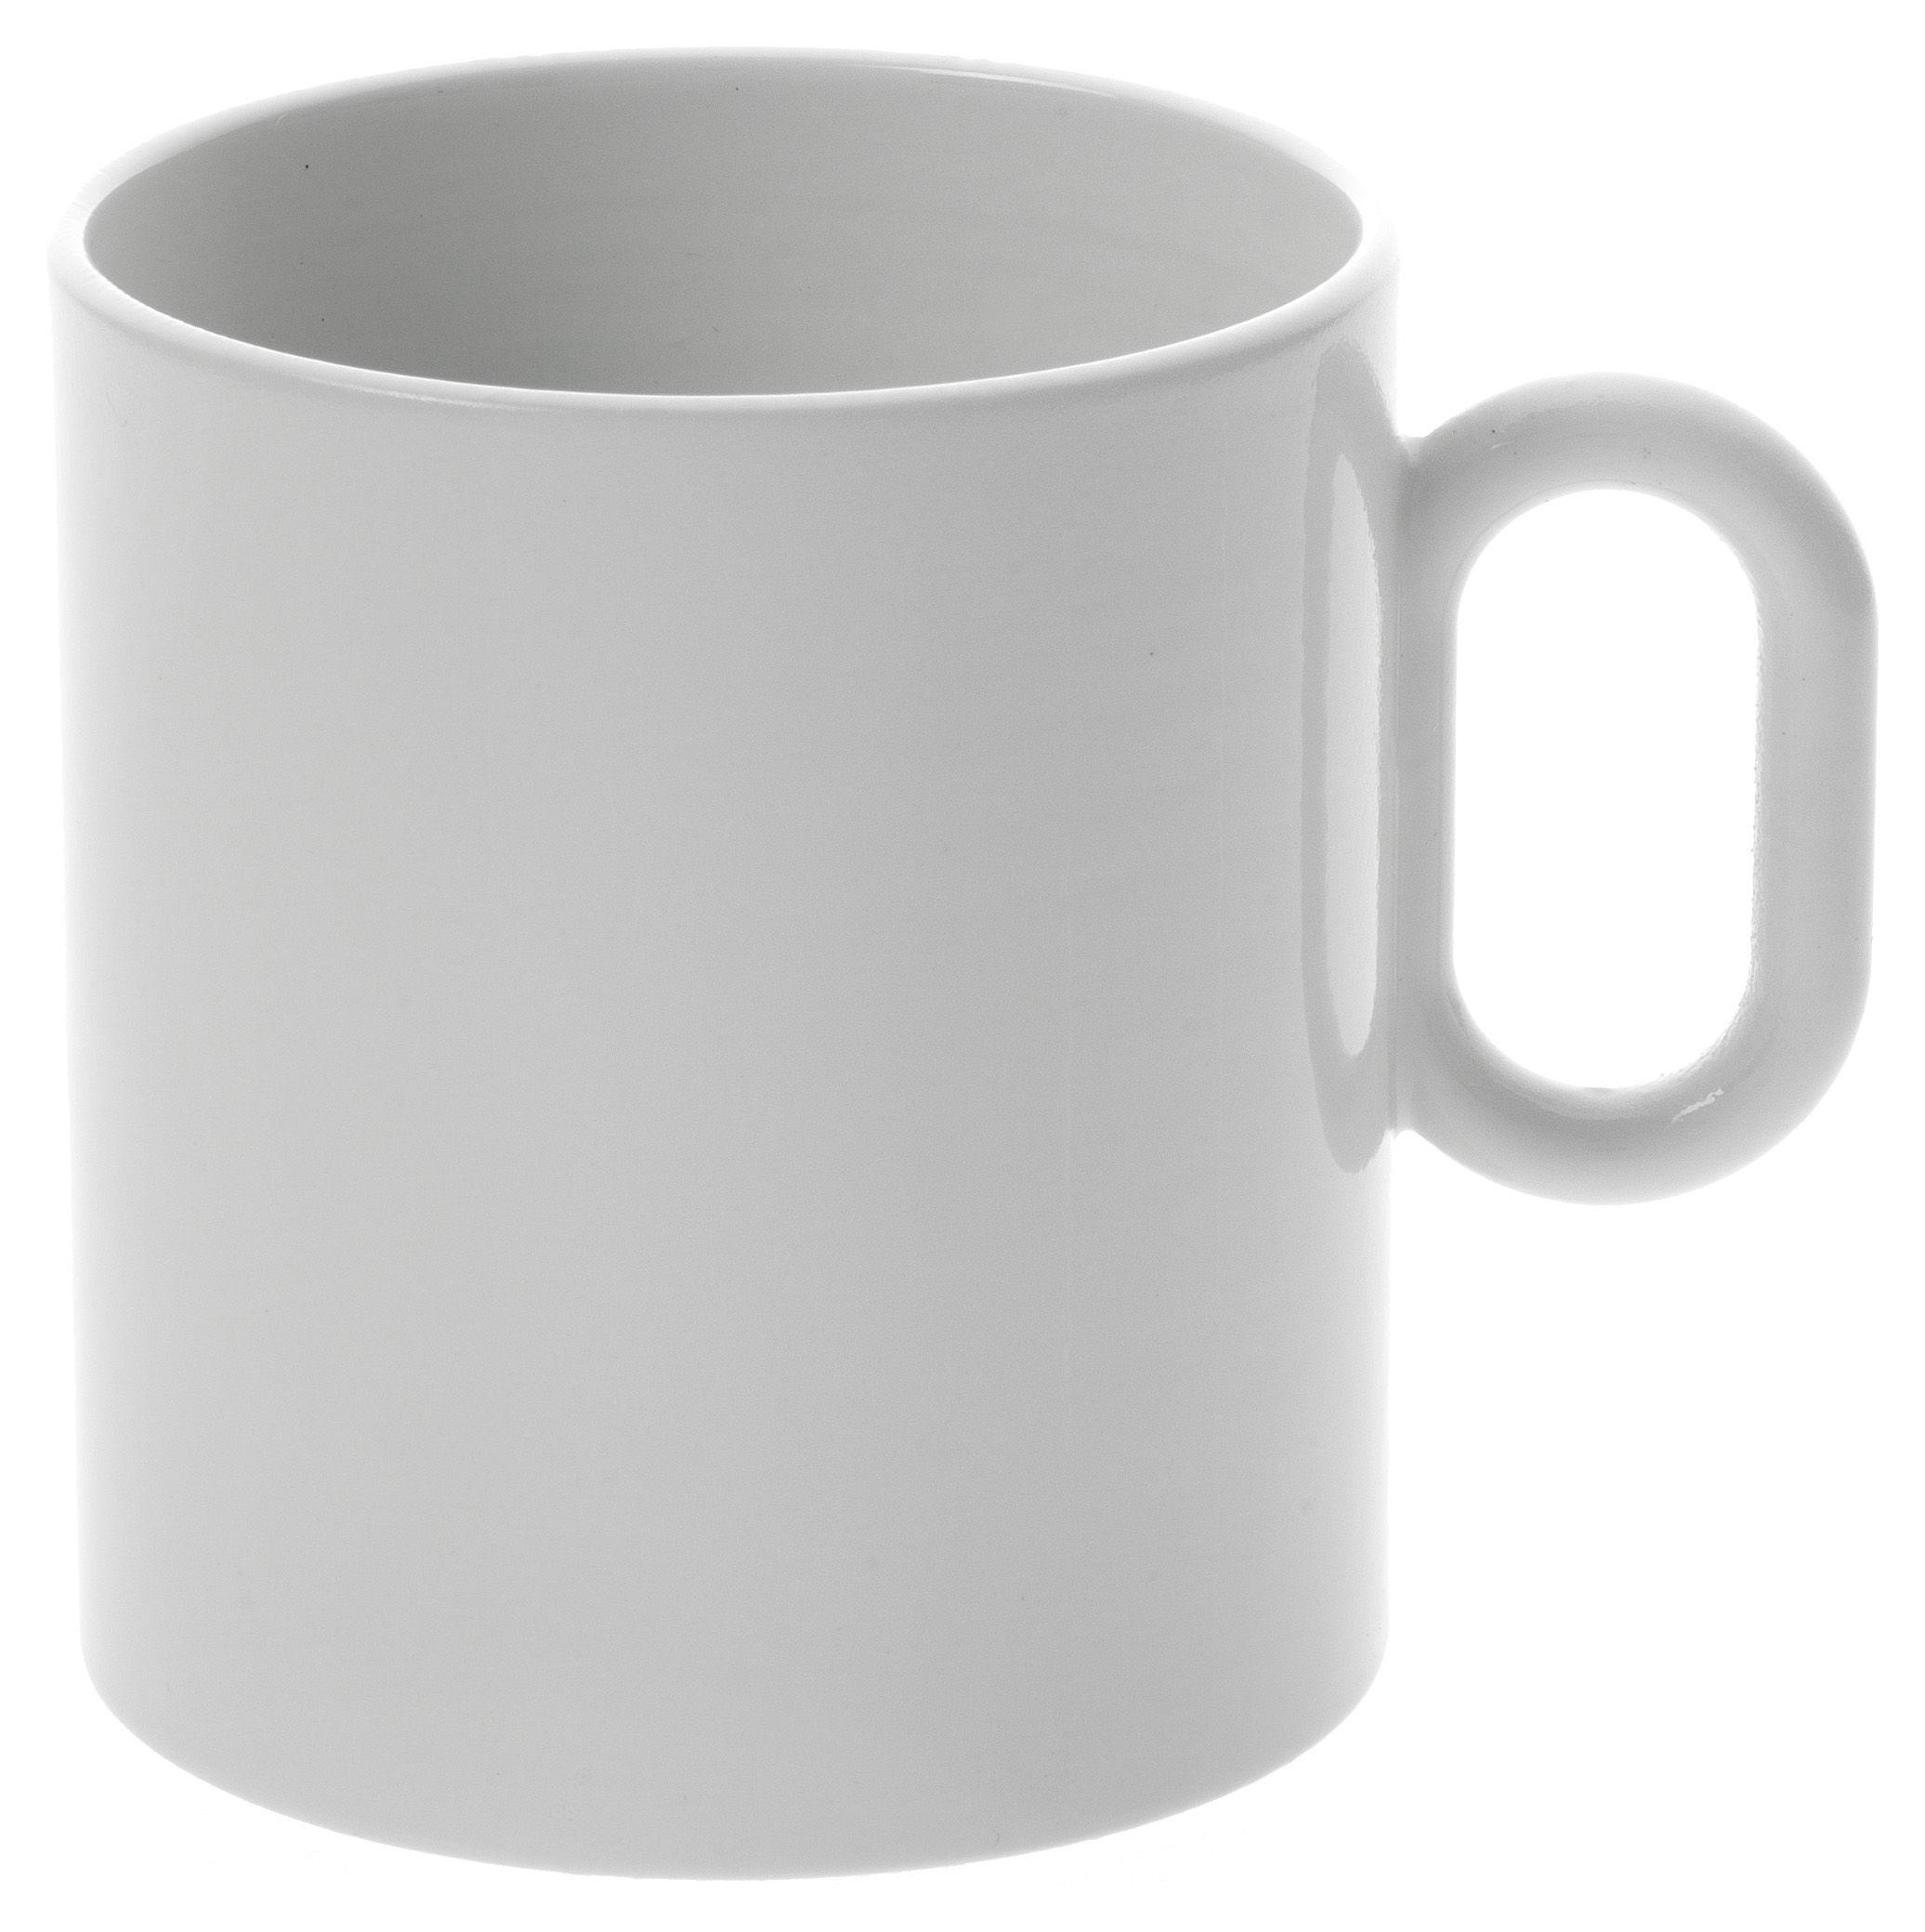 Tischkultur - Tassen und Becher - Dressed Becher - Alessi - weiß - Porzellan